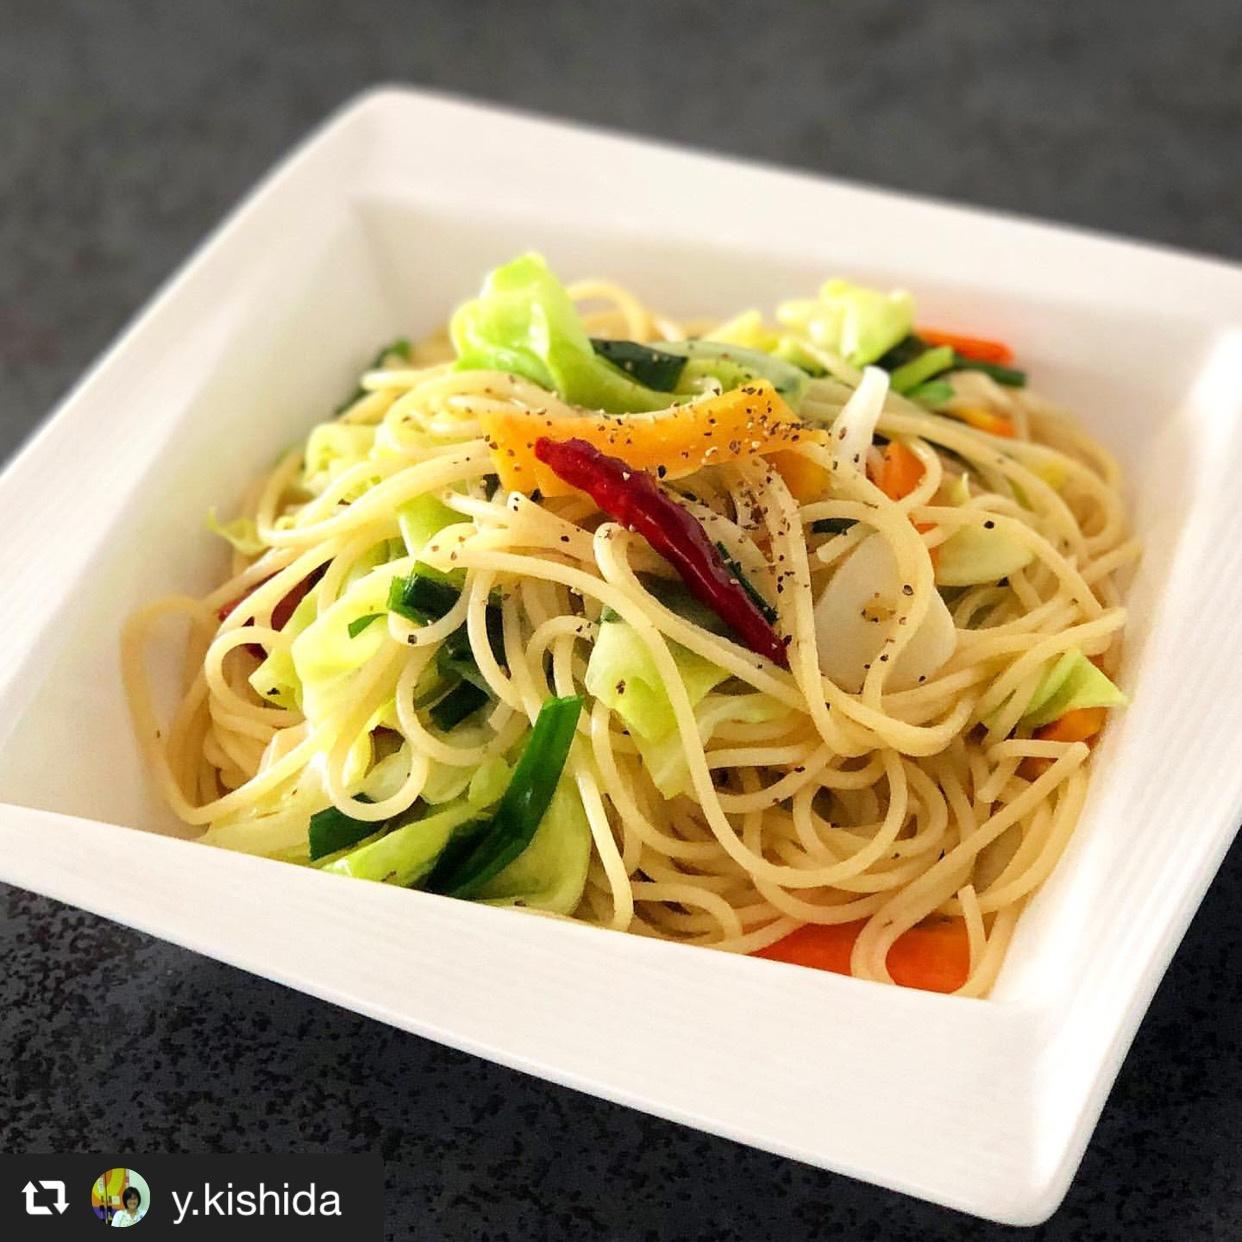 残り野菜でペペロンチーノ 画像1